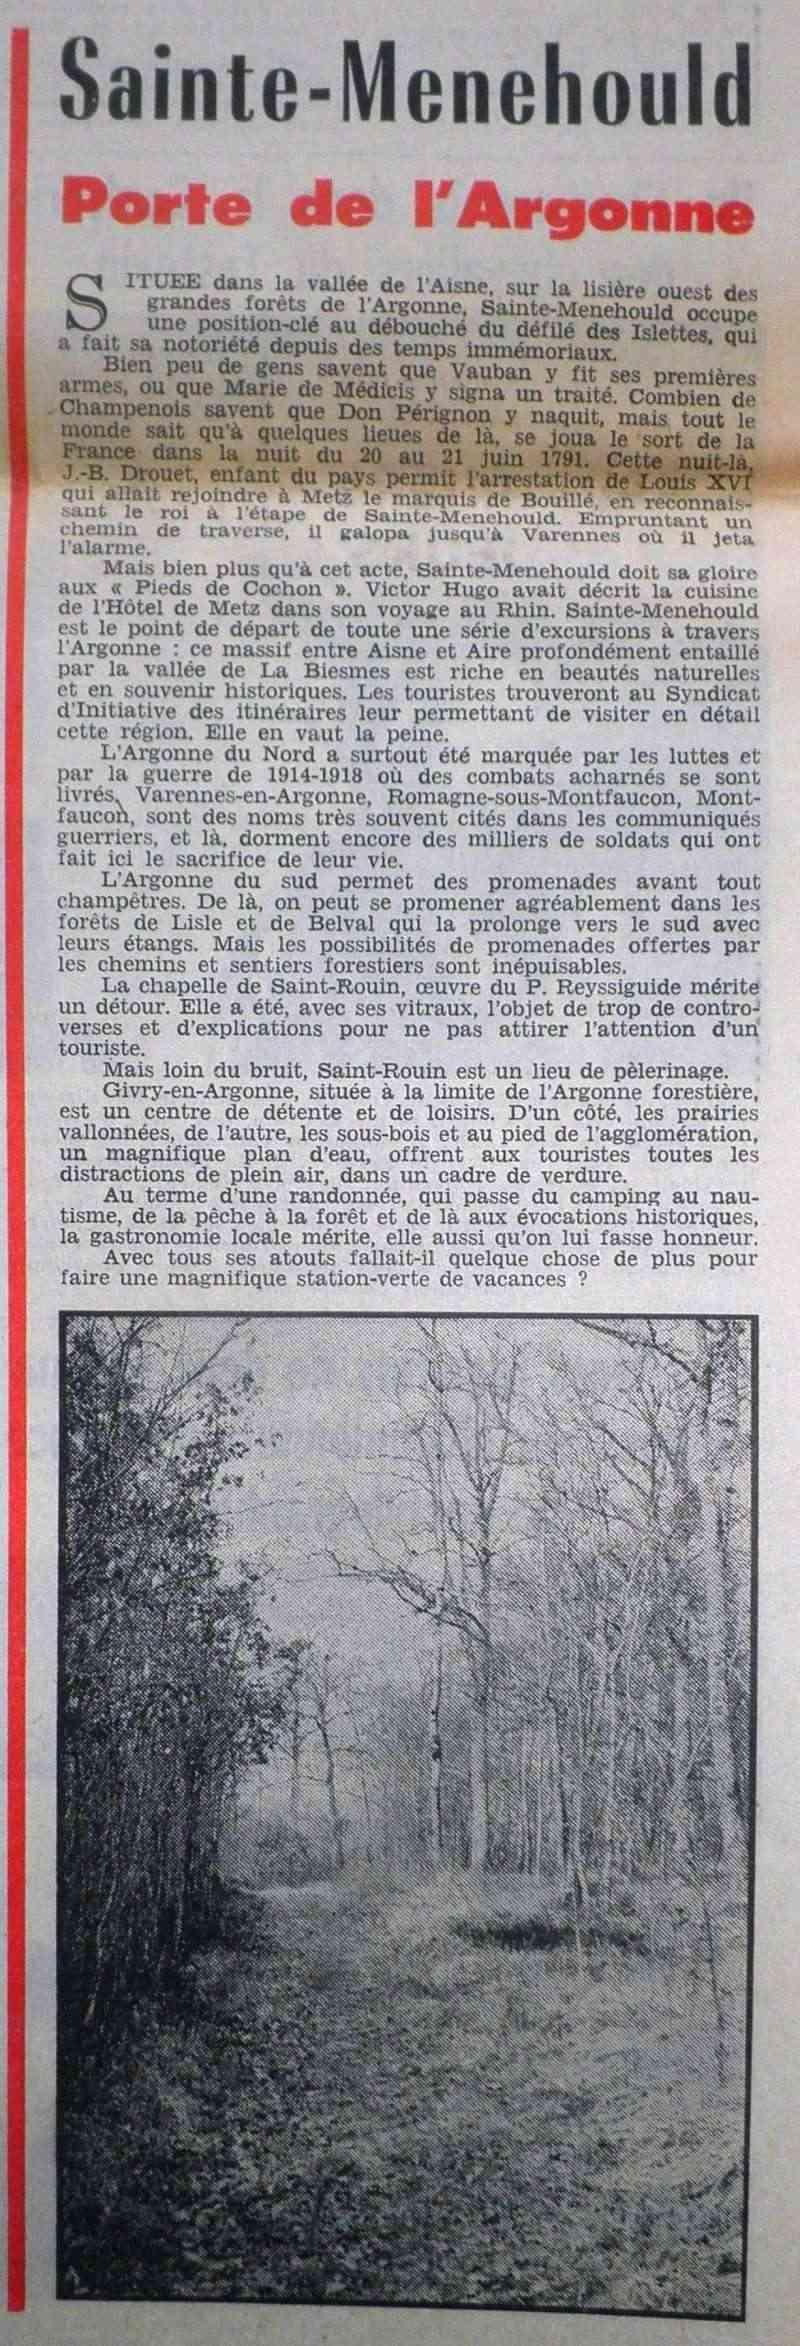 Les Pages Touristiques dans la Presse Locale 1972-026